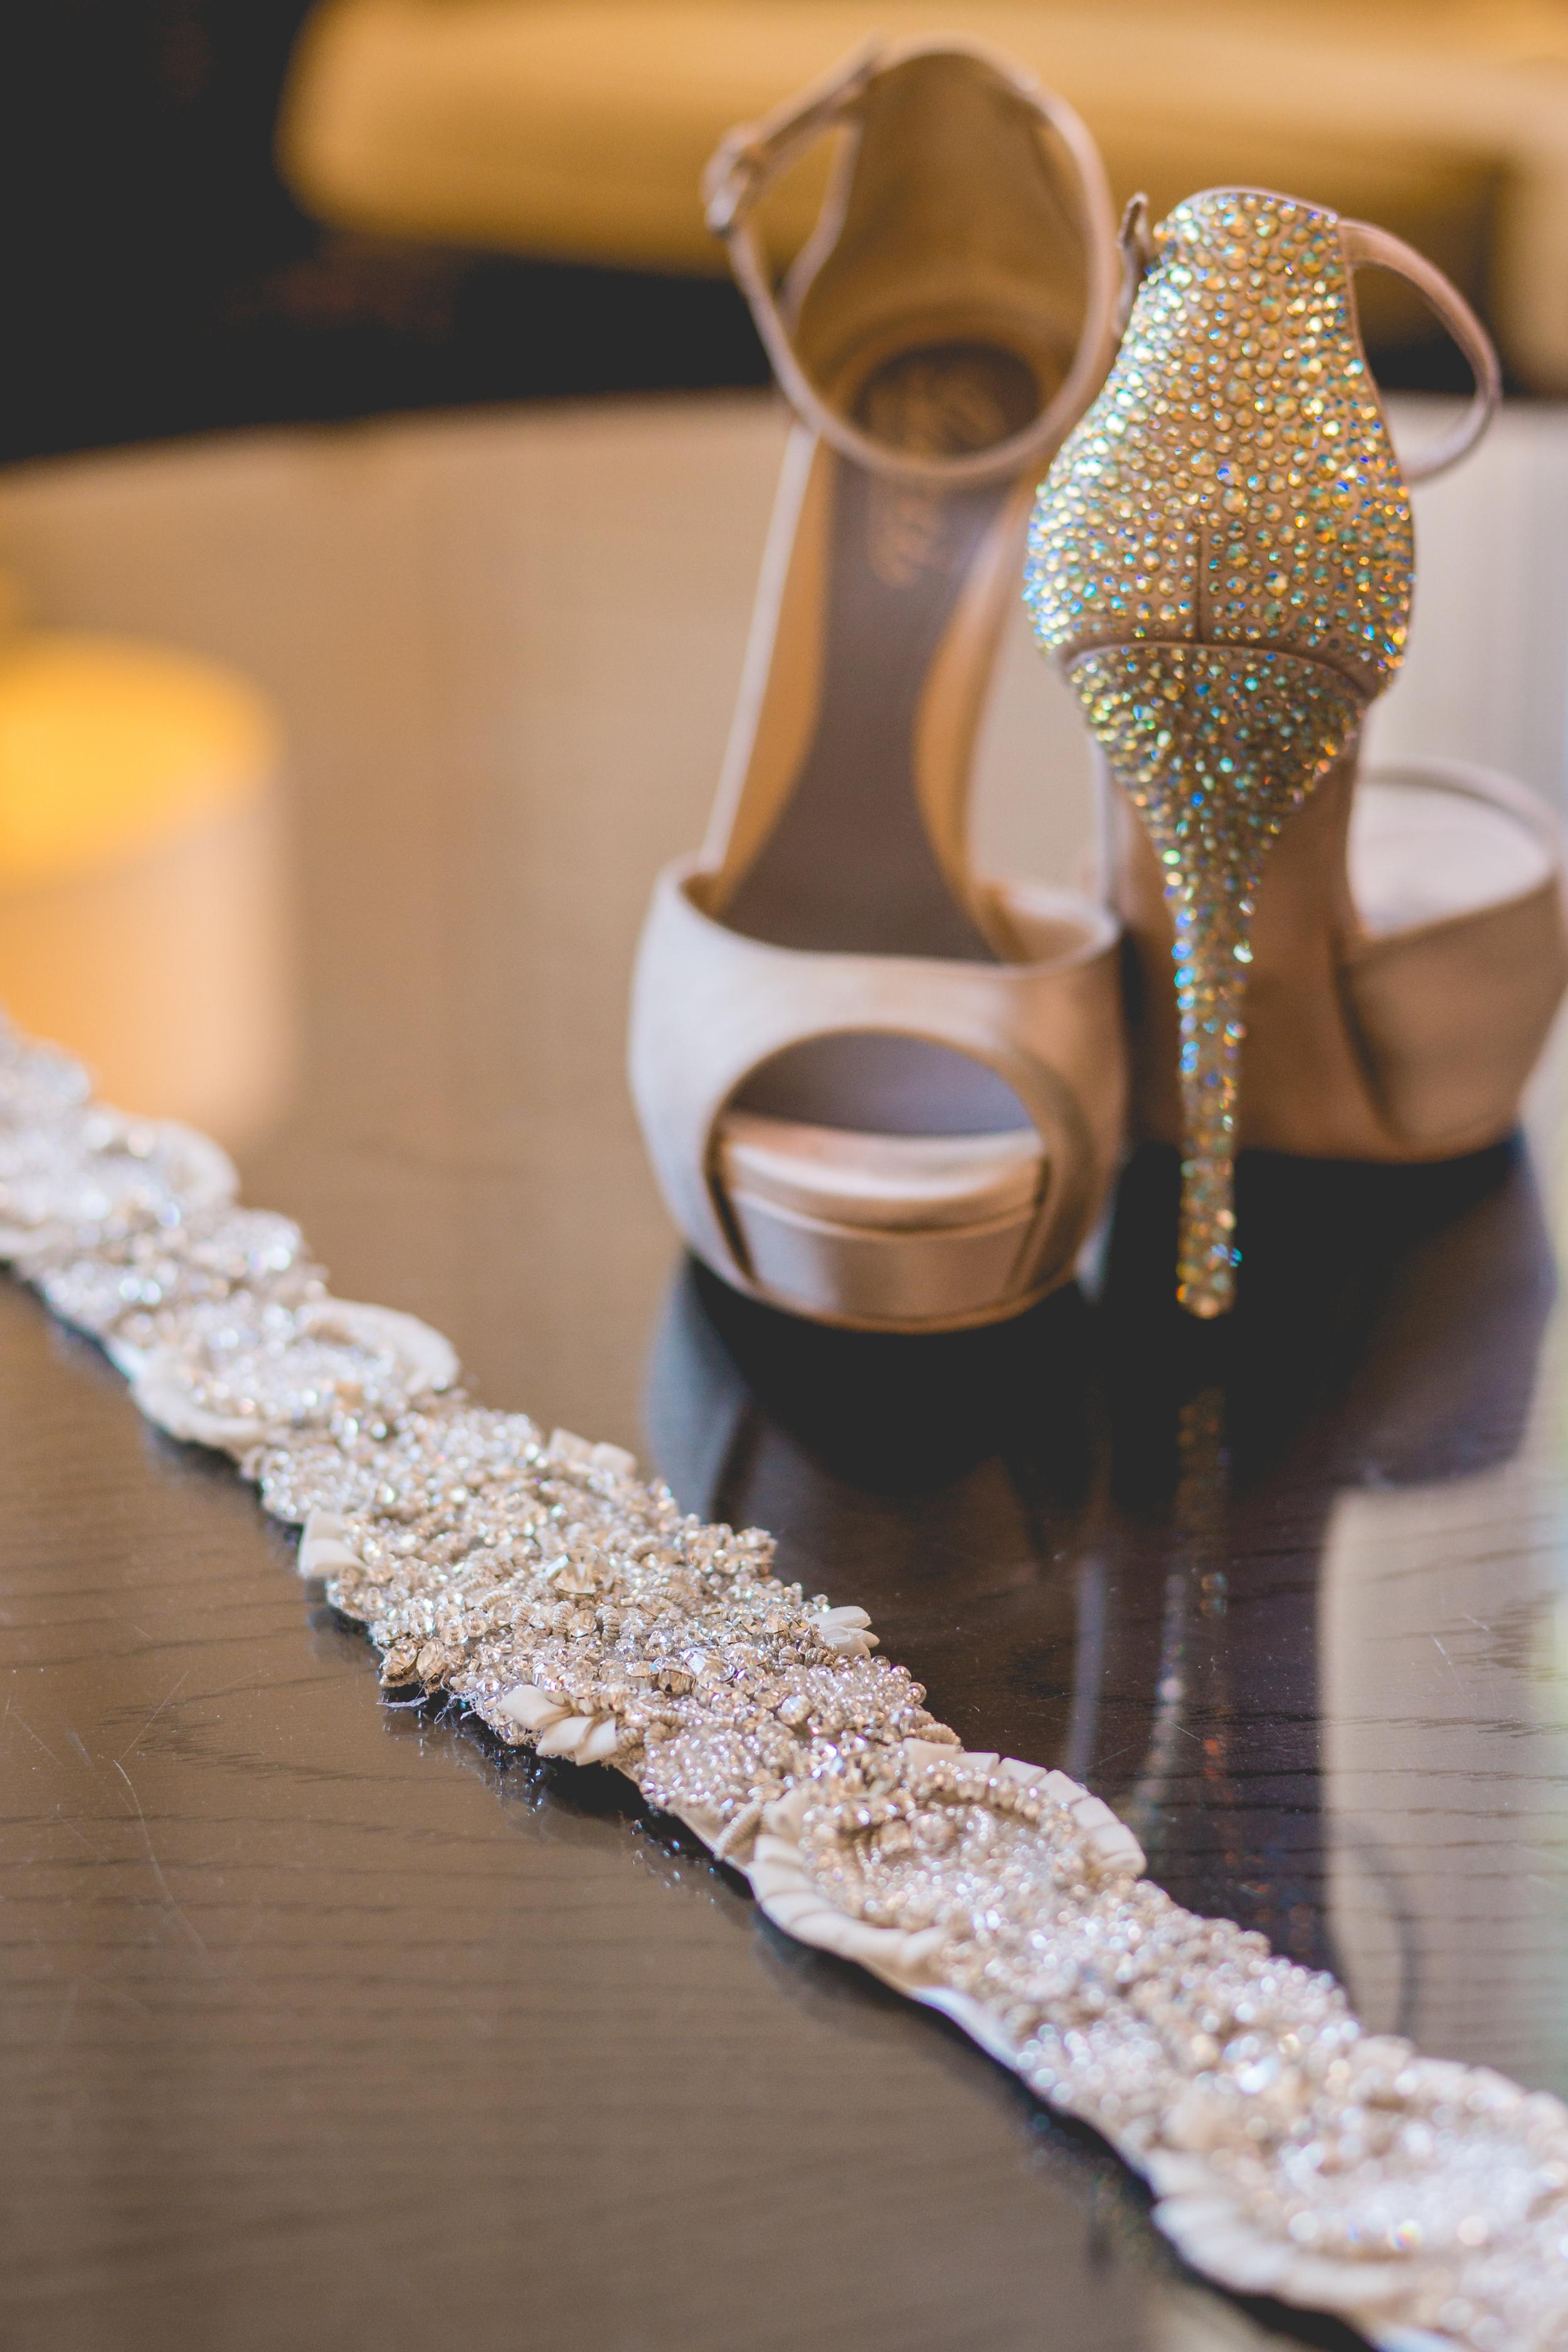 Gucci Shoes and Untamed Petals by Amanda Judge Sash